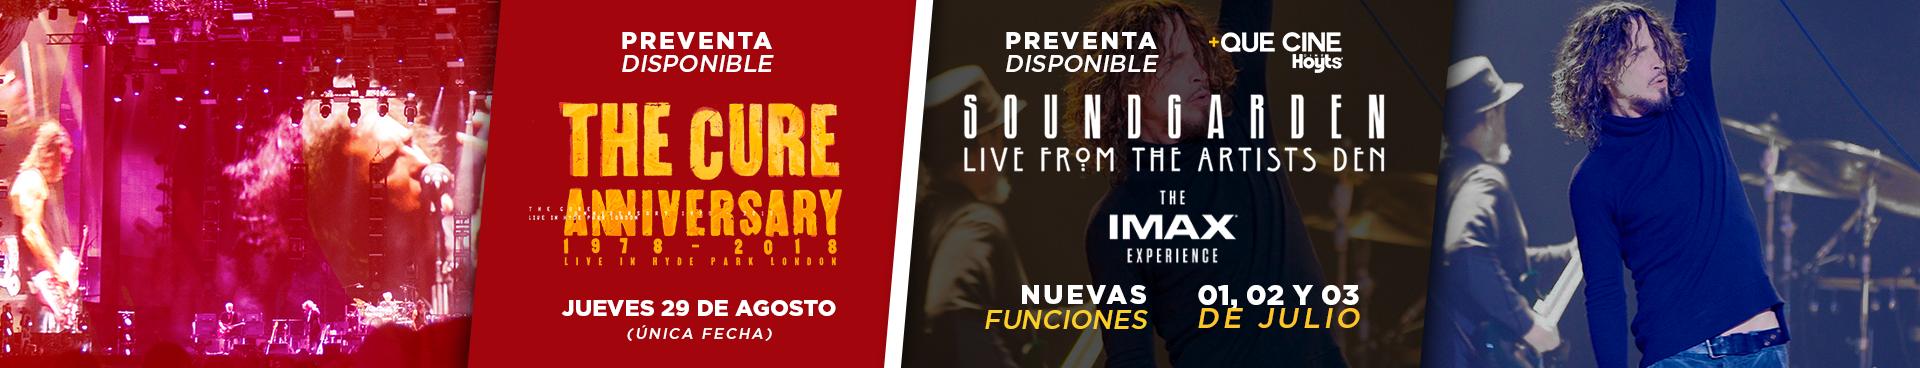 PREVENTA +QUE CINE: THE CURE ANNIVERSARY CURE 1978 - 2018, JUEVES 29 DE AGOSTO + CINES // SOUNDGARDEN: LIVE FROM THE ARTISTS DEN (+QUE CINE) 1, 2 Y 3 DE JULIO, EXCLUSIVO EN IMAX DE CINEHOYTS MALLPLAZA EGAÑA. COMPRA AQUÍ TUS ENTRADAS